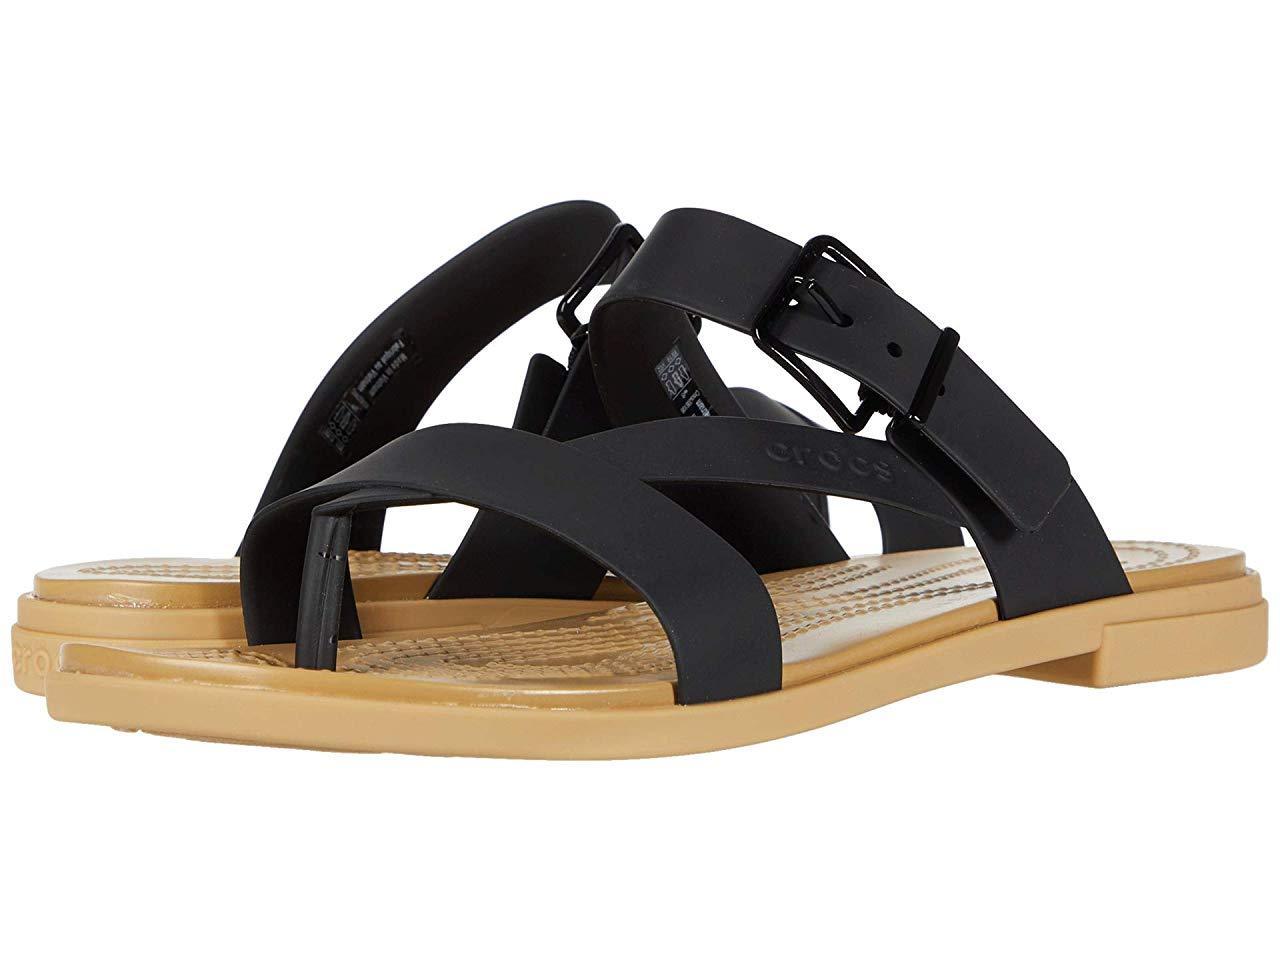 Сандали/Вьетнамки (Оригинал) Crocs Tulum Toe Post Sandal Black/Tan